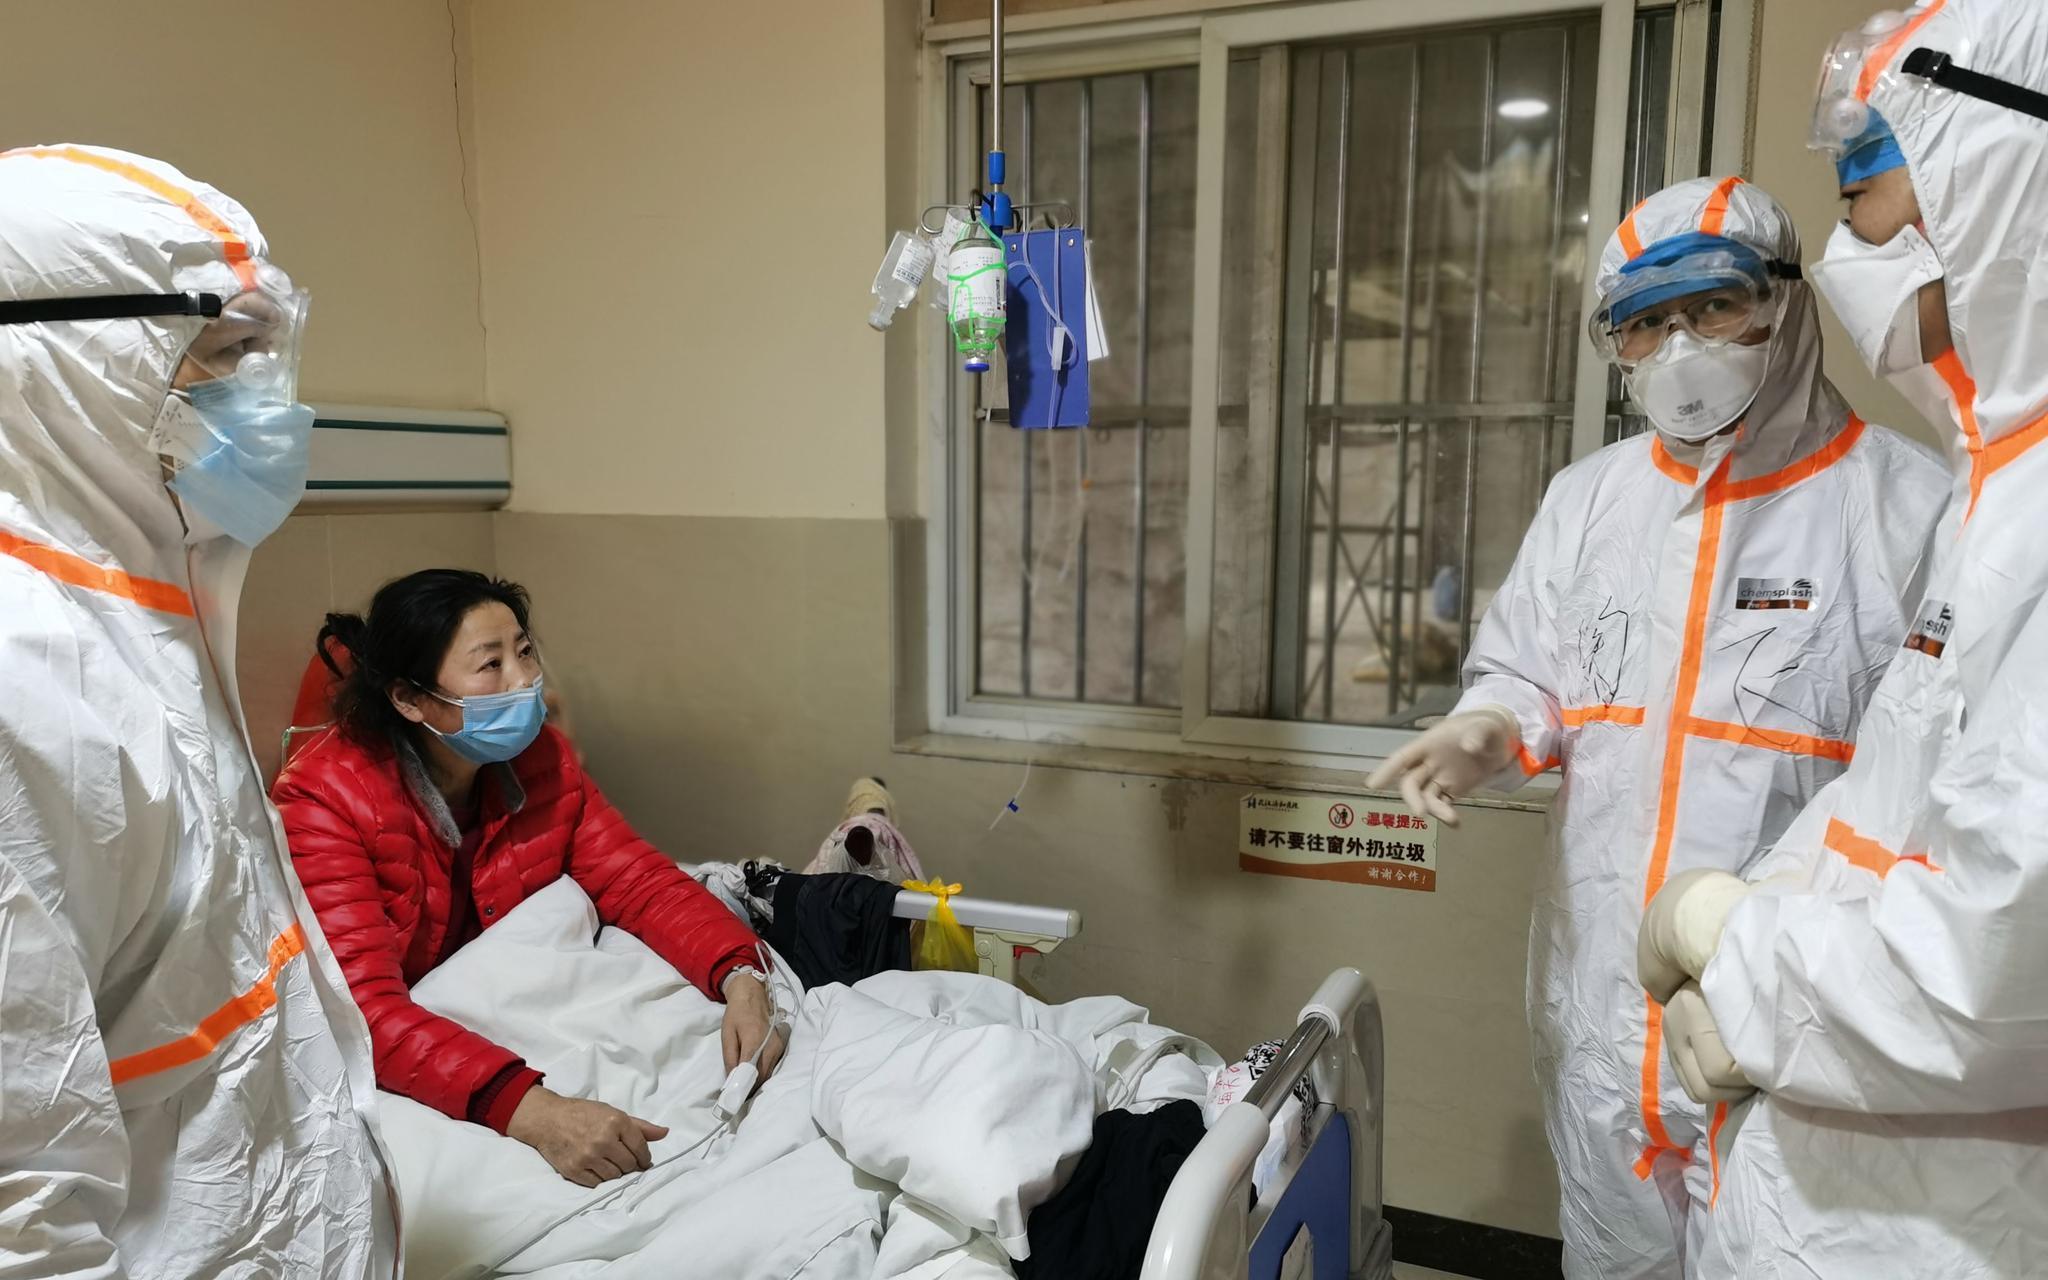 北京基金小镇启动线上效劳 防疫相干基金有绿色通讲